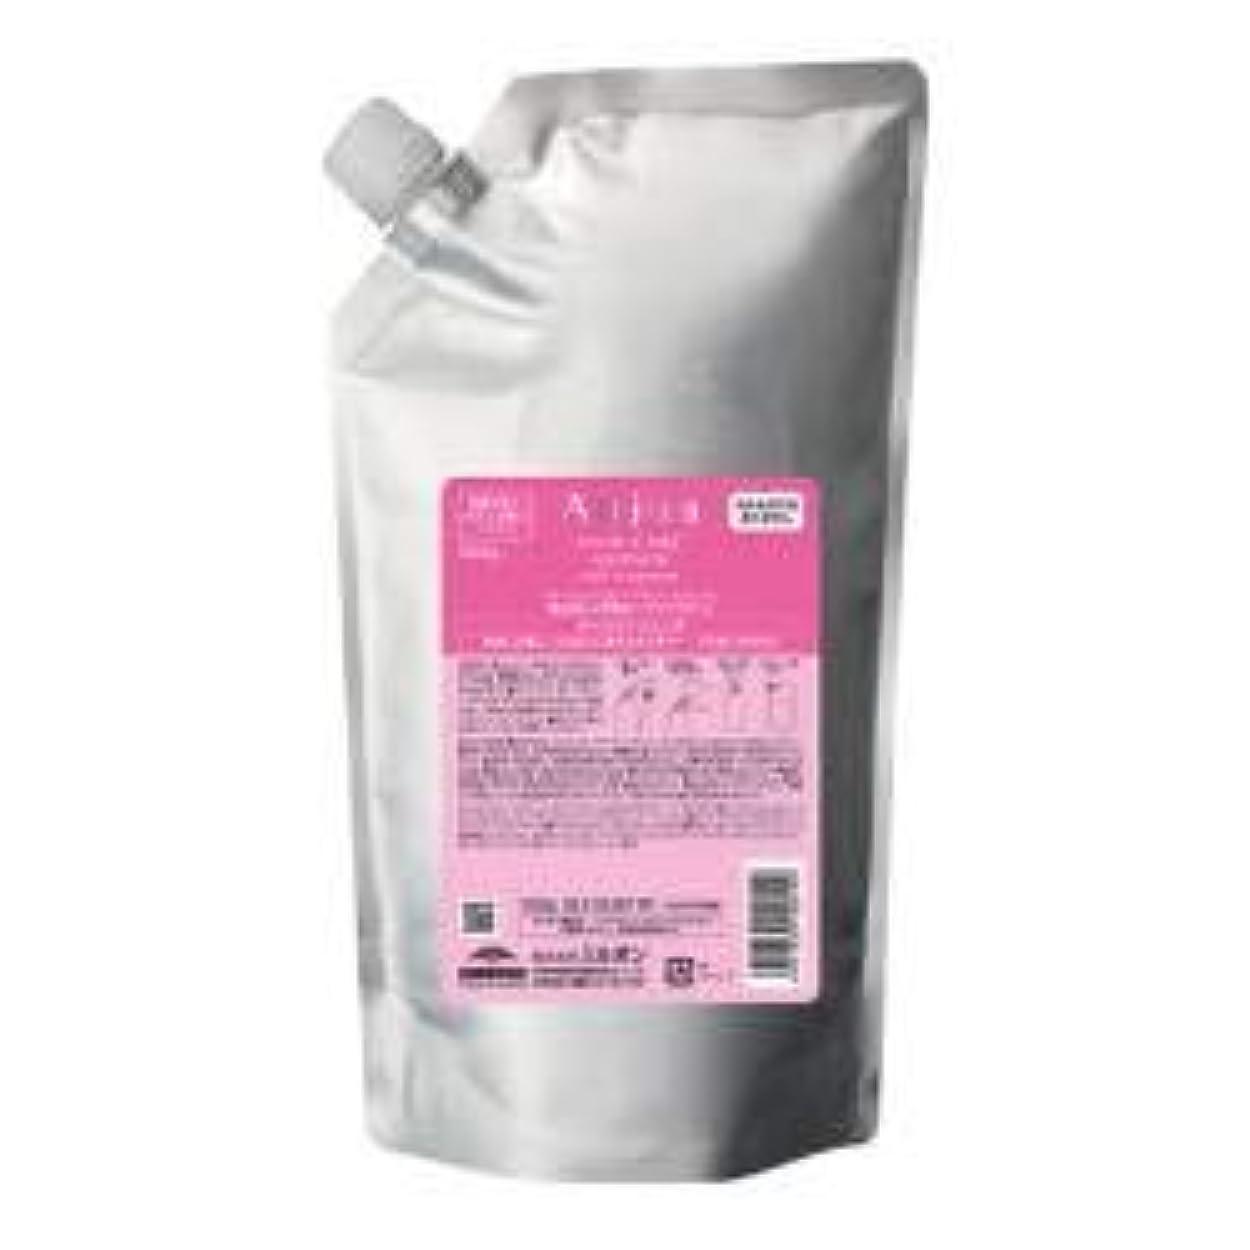 ページェント癒す解凍する、雪解け、霜解けオージュア QU クエンチ ヘアトリートメント(1kg)